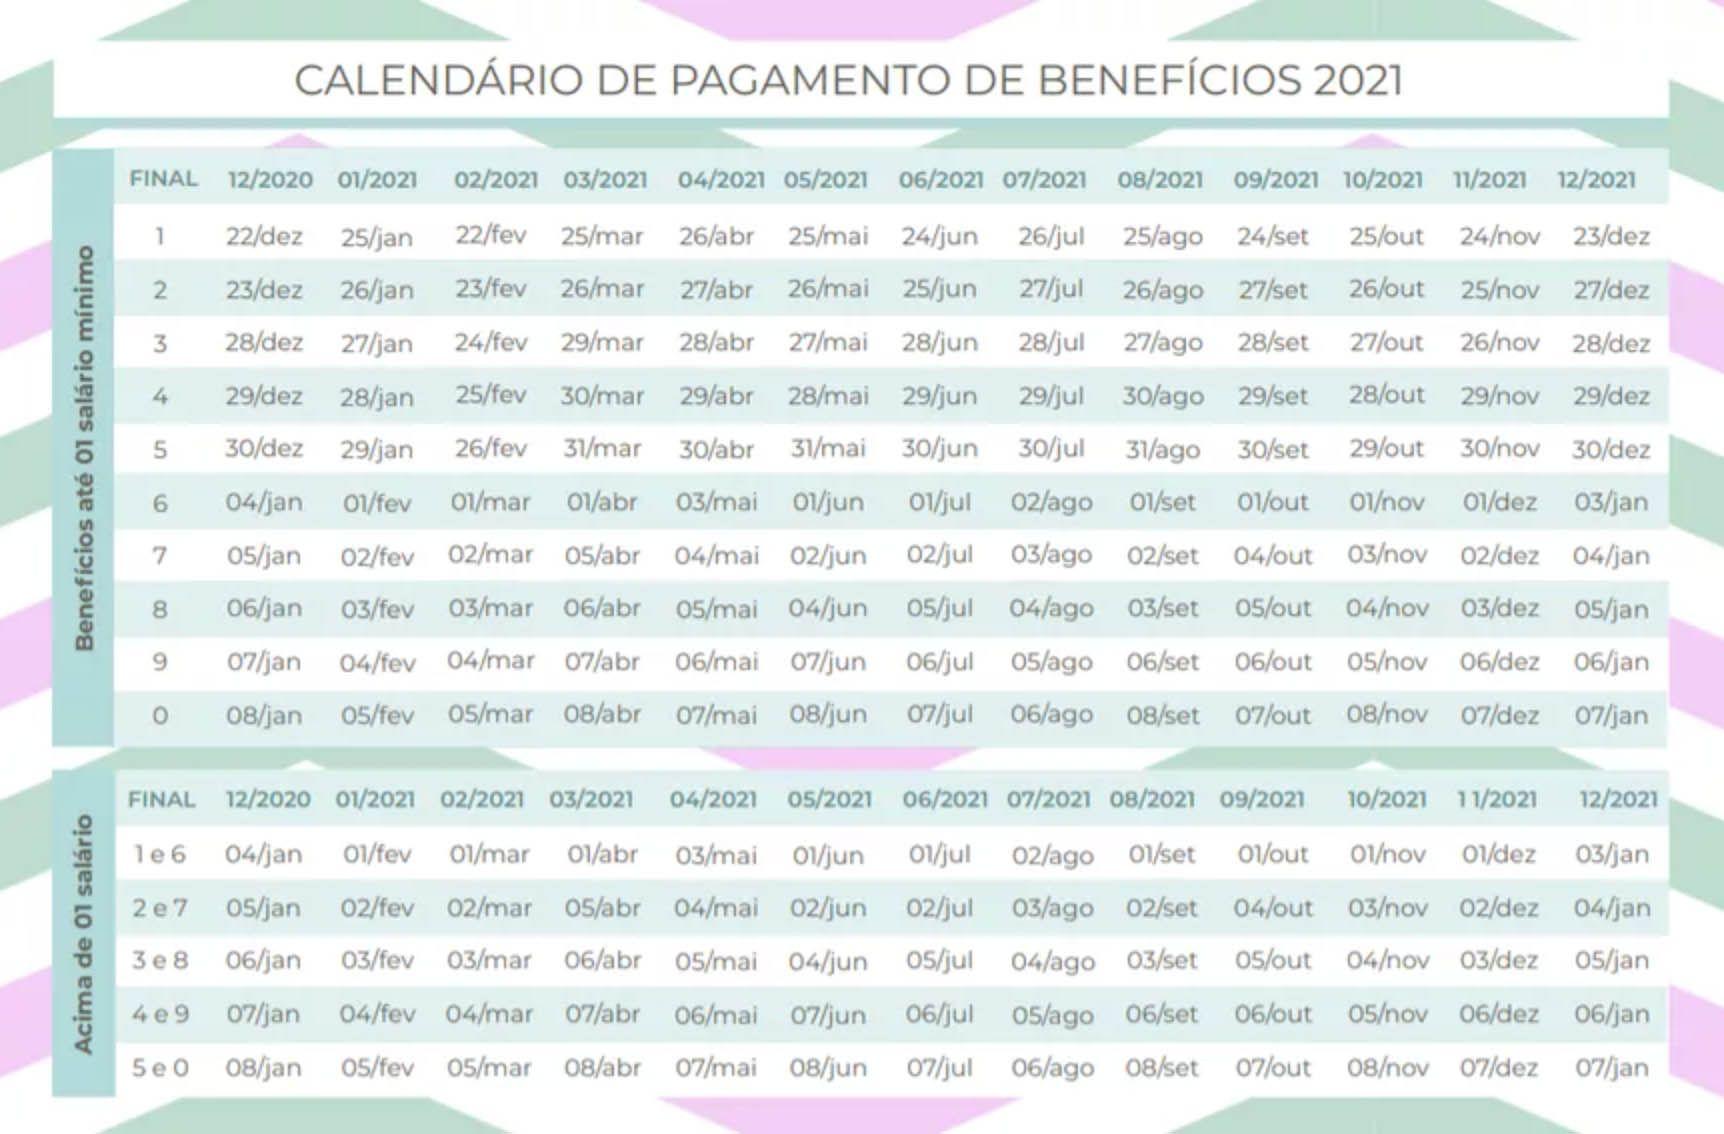 calendário de pagamento dos benefícios do INSS